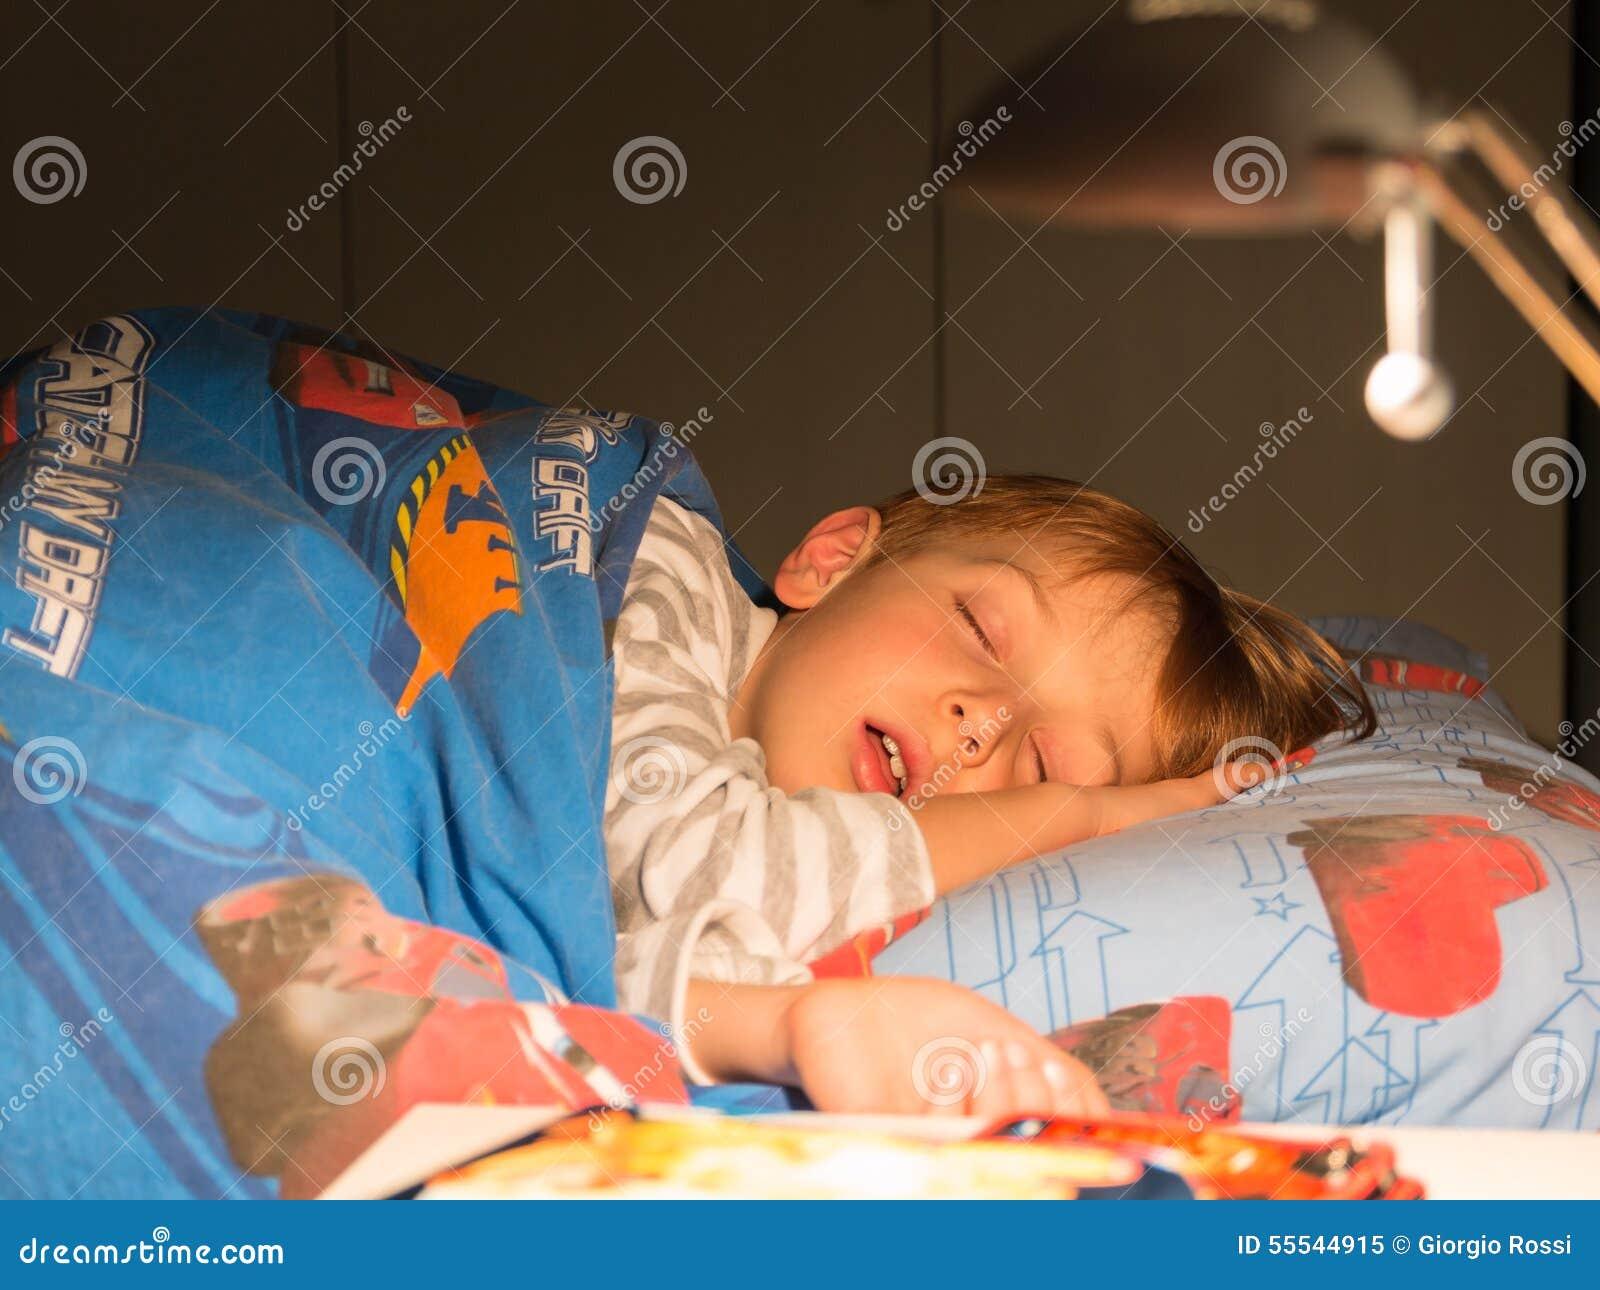 8 jaar die kind op het bed slapen; slaapkamer stock foto ...